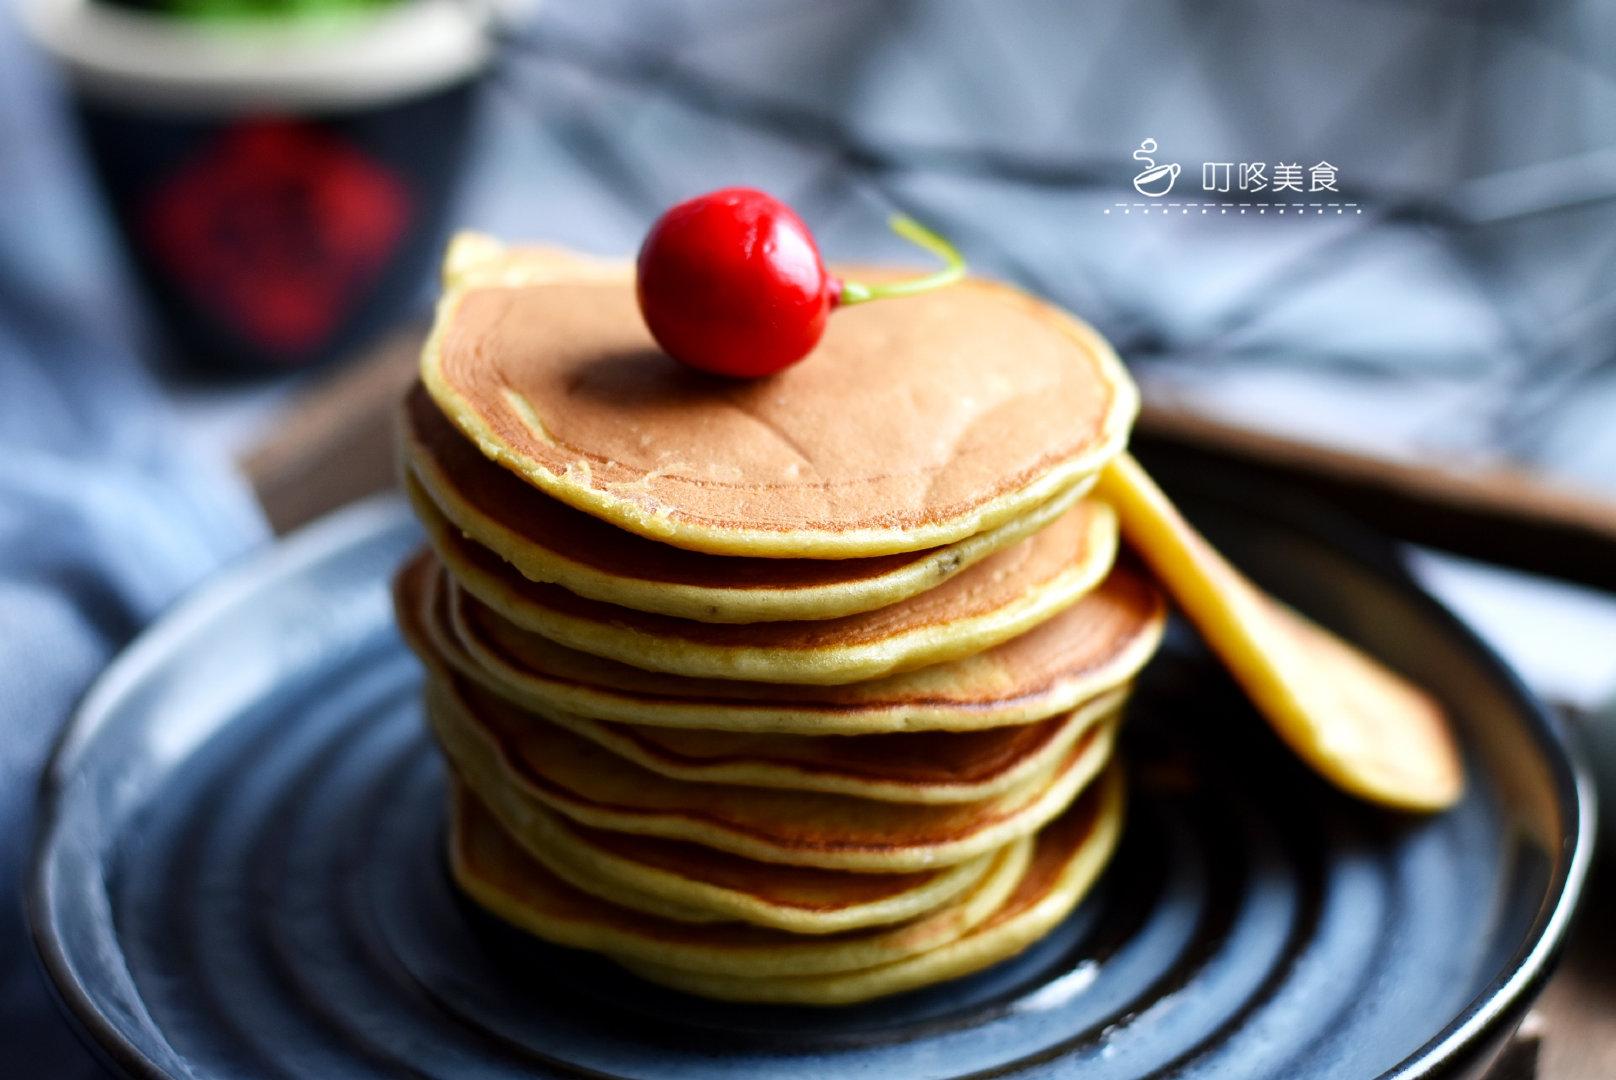 包子油条吃腻了,试试这样做早餐,筷子一搅手不碰面,5分钟出锅